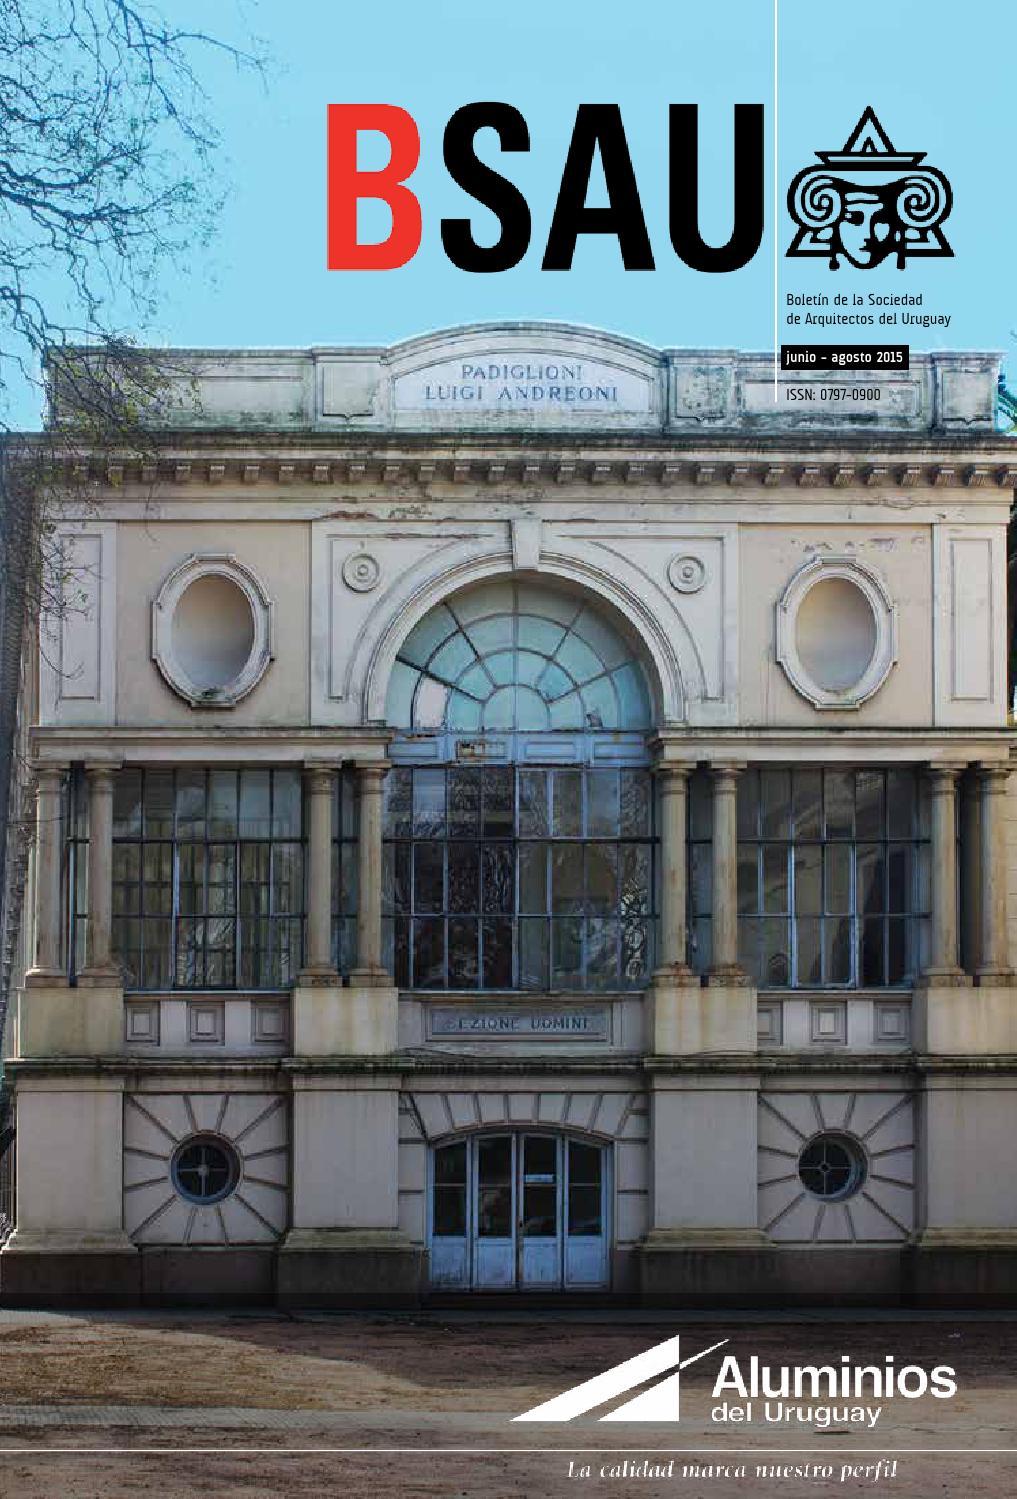 Bsau mayo agosto 2015 by sociedad de arquitectos del uruguay sau issuu - Sociedad de arquitectos ...